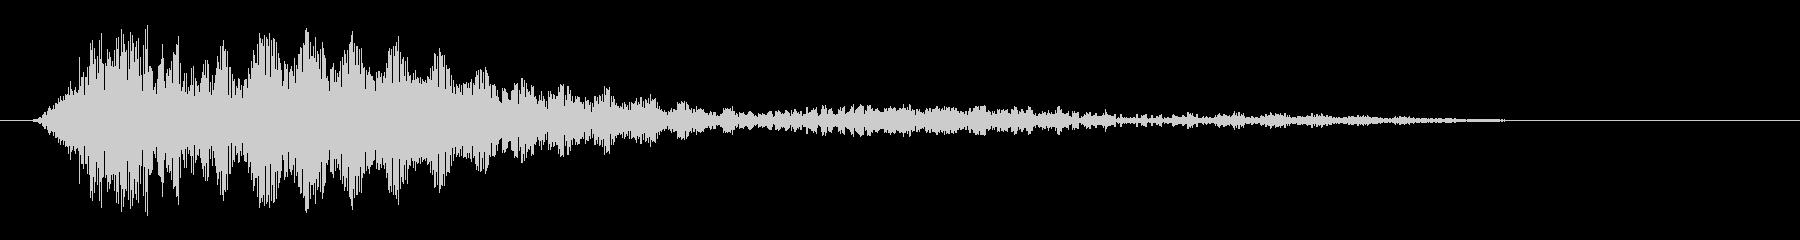 ポロリン(電子音の明るい三重和音)の未再生の波形